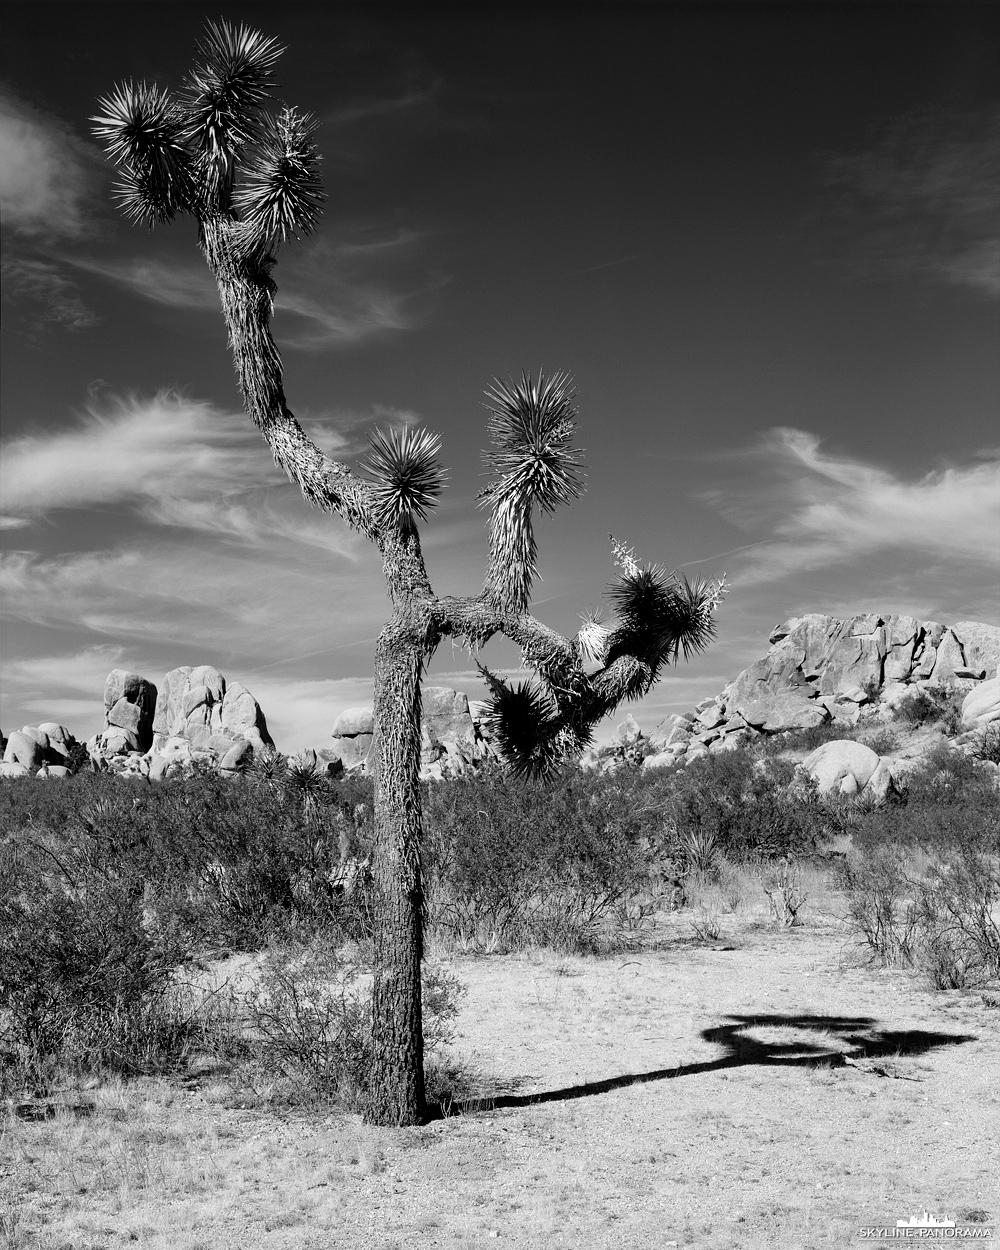 """Joshua Tree in 4x5"""" Largeformat - Erneut ein interessanter Joshua Tree in Schwarz-Weiß, diesmal vor der beeindruckenden Felsformation mit dem Namen Jumbo Rocks. Fotografiert wurde diese Aufnahme mit einer Chamonix C45F-2 Großformatkamera auf Kodak Tmax 100 4x5"""" Planfilm."""